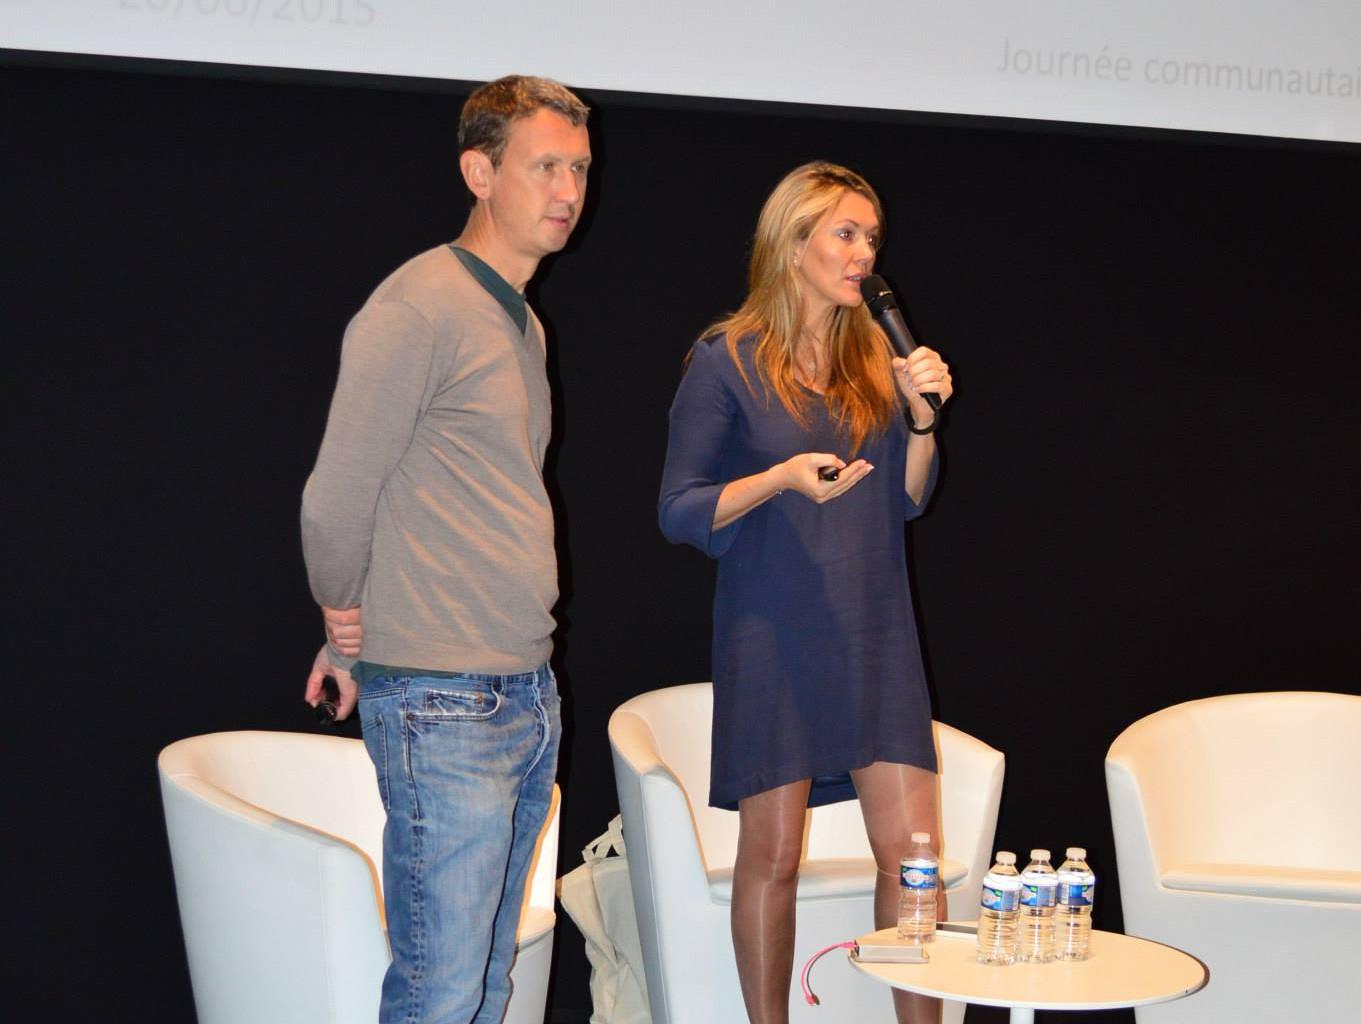 Maxime Lombardini et Angélique Gérard